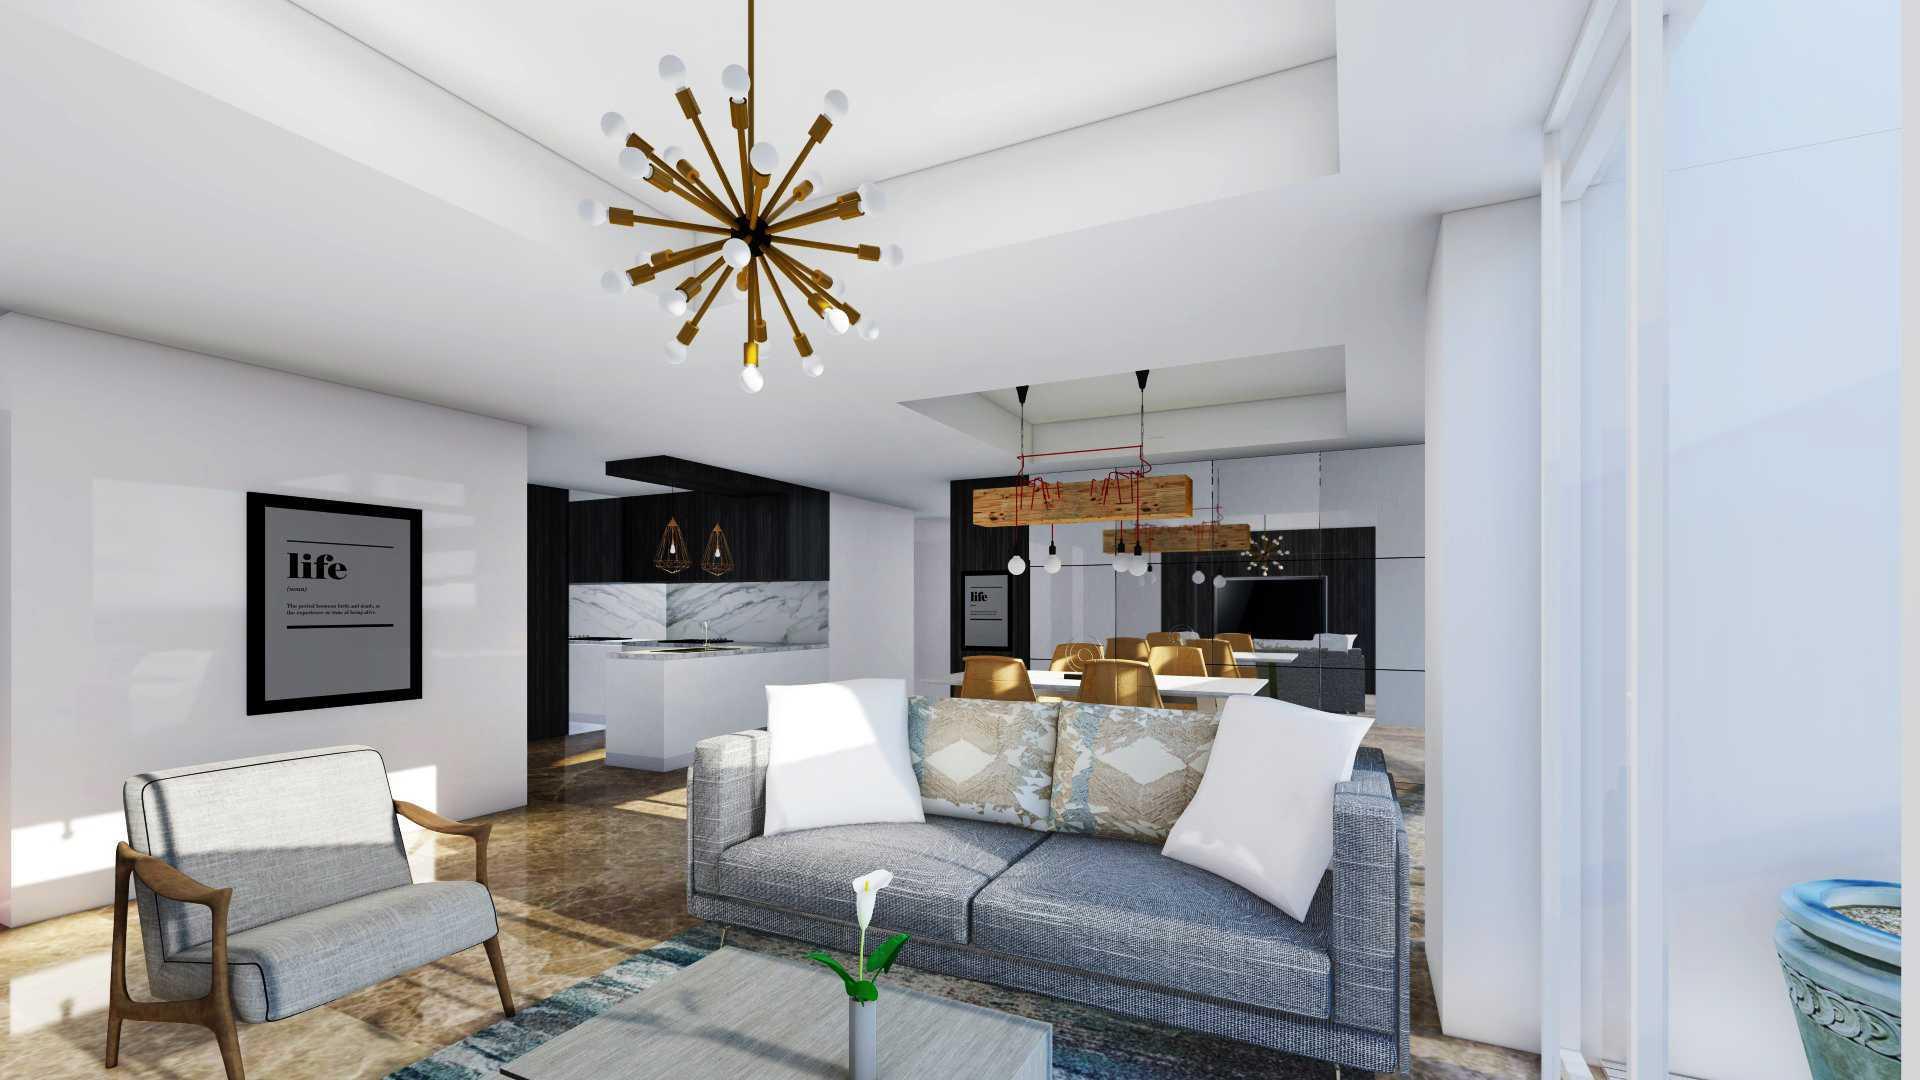 Foto inspirasi ide desain apartemen industrial Rinto-katili-apartment-di-jakarta-utara oleh Rinto Katili di Arsitag